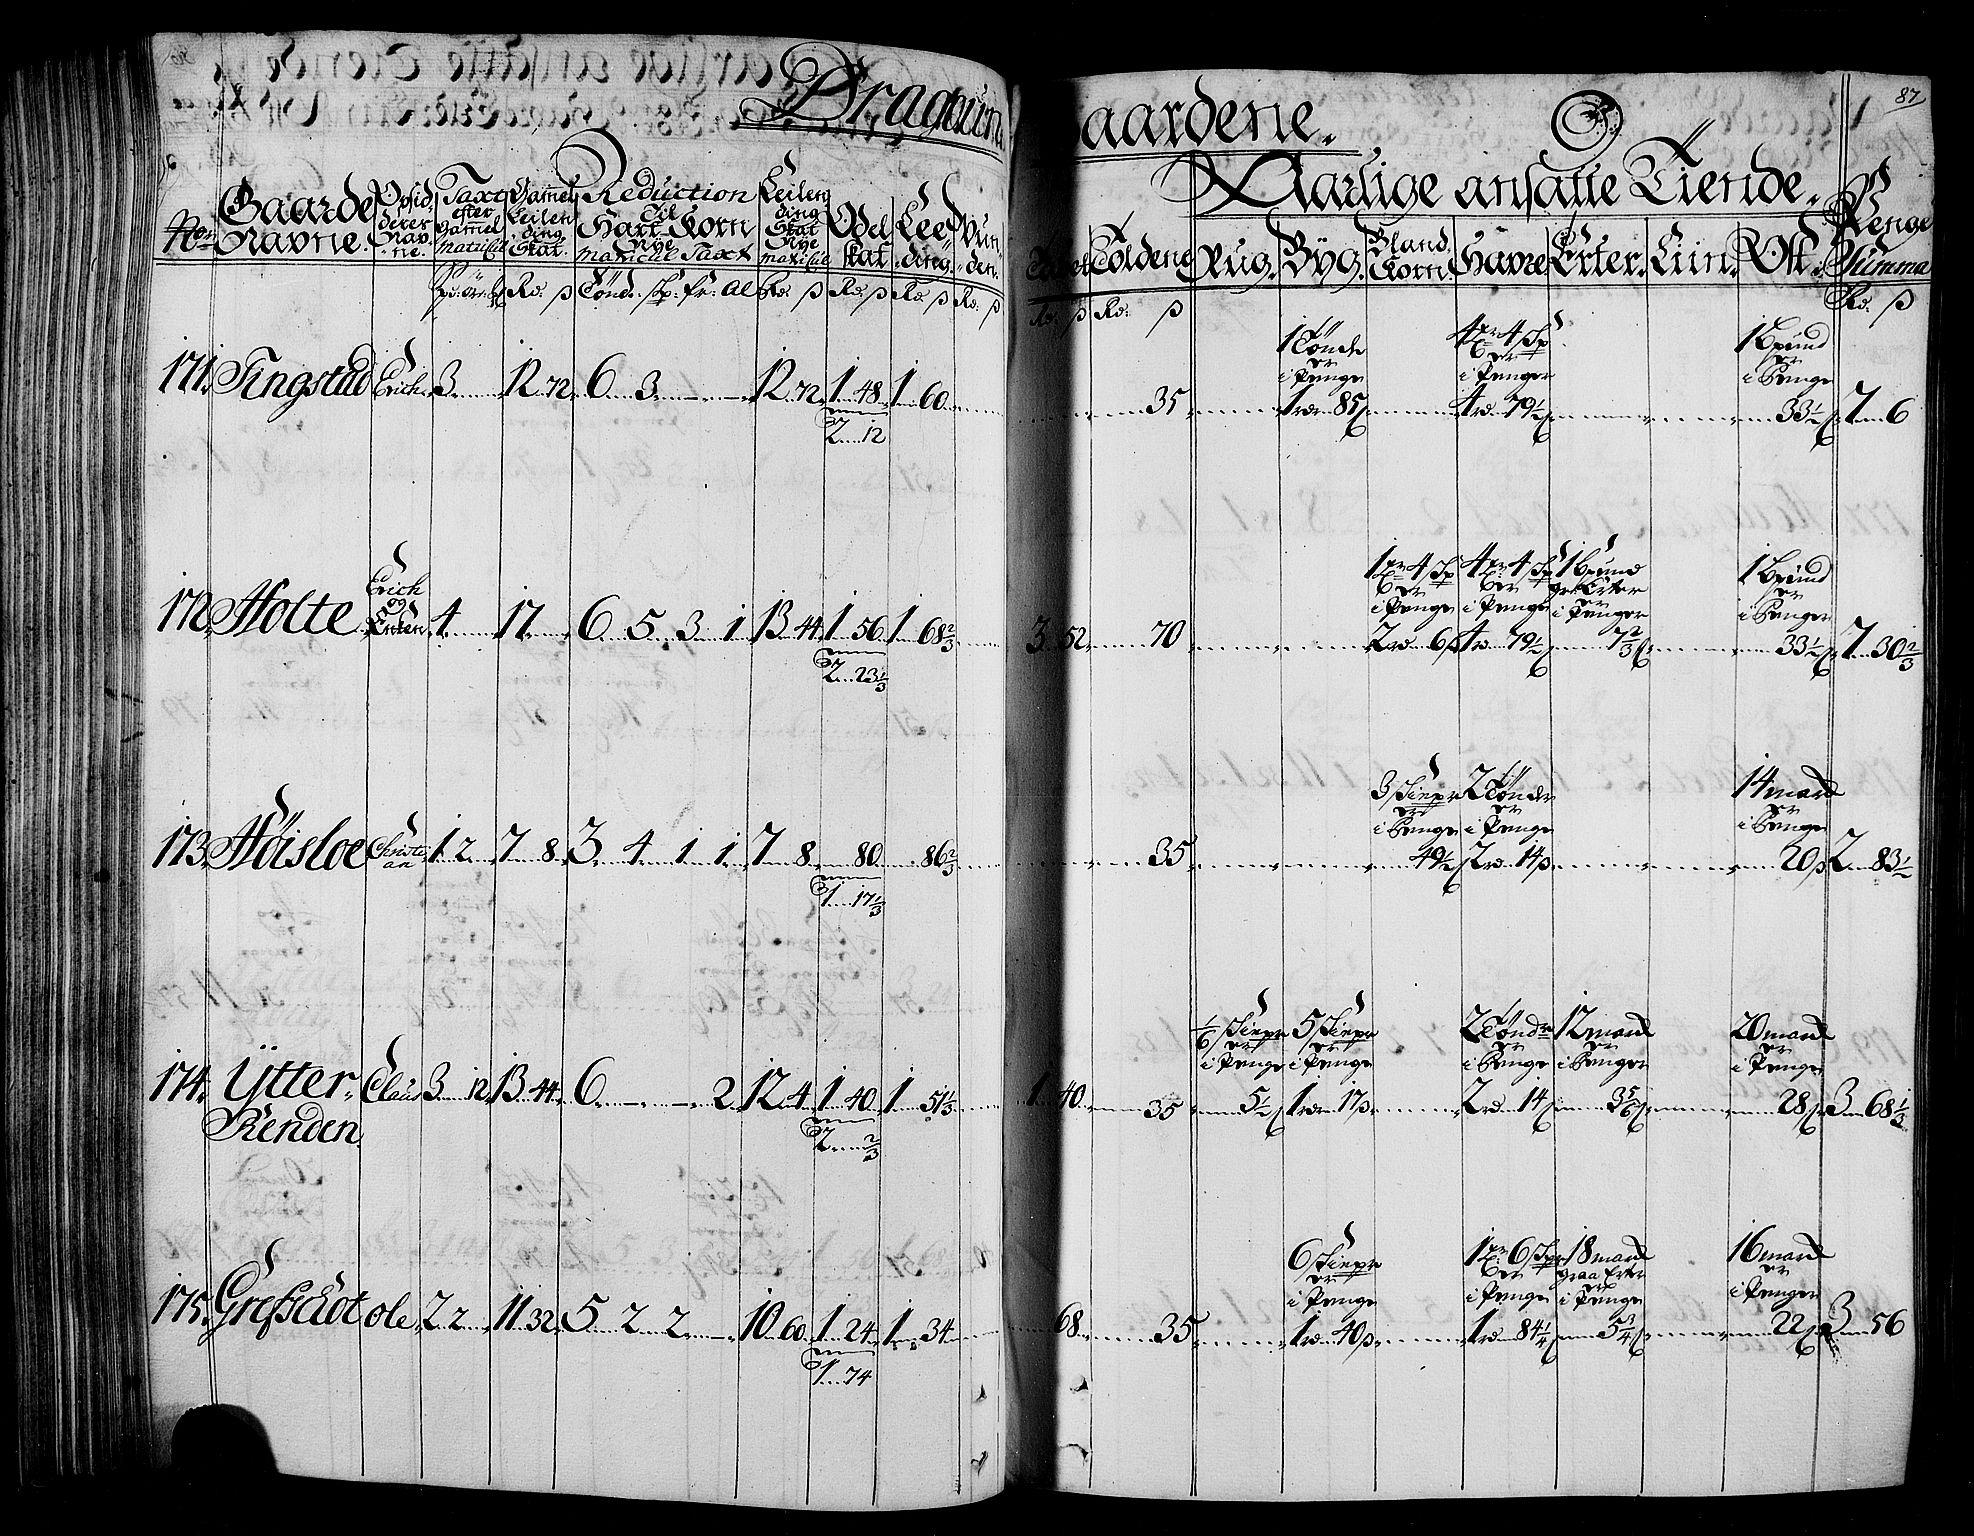 RA, Rentekammeret inntil 1814, Realistisk ordnet avdeling, N/Nb/Nbf/L0165: Stjørdal og Verdal matrikkelprotokoll, 1723, s. 86b-87a